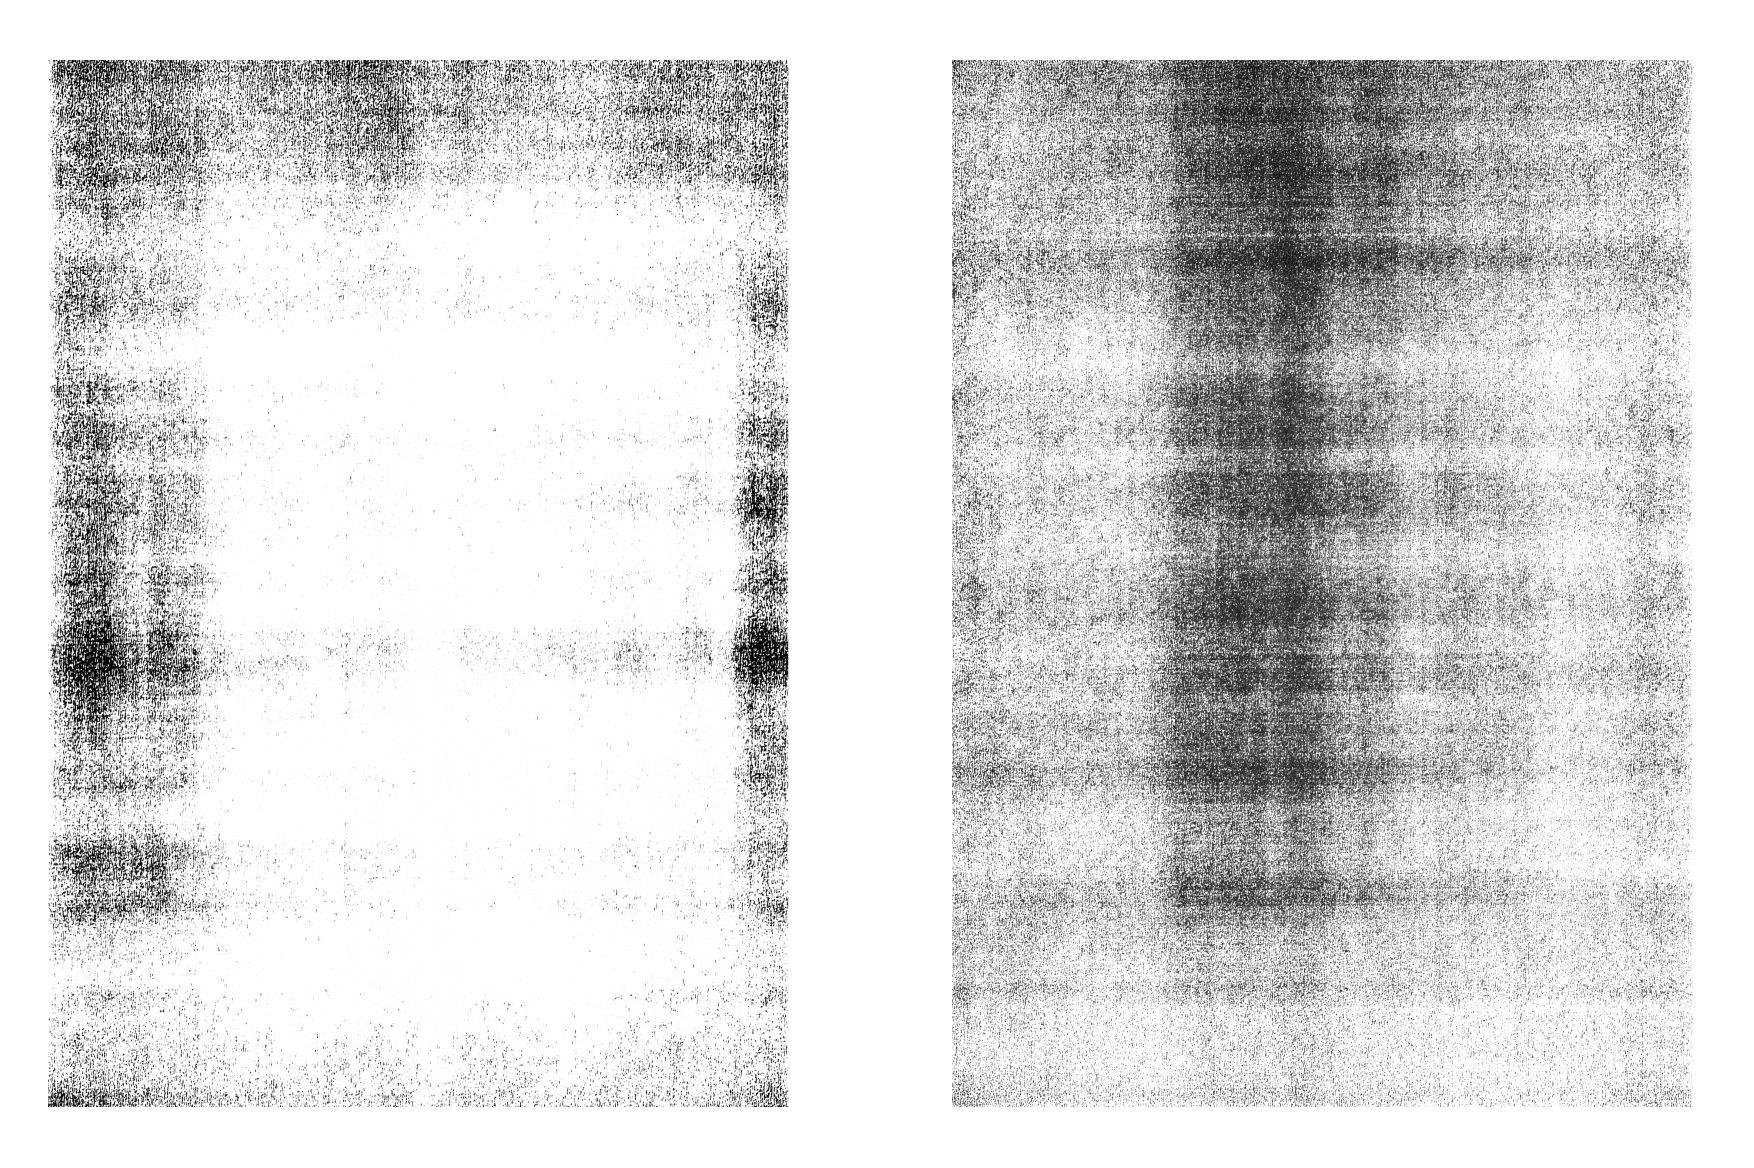 156款复古做旧折痕磨损褶皱纸张背景纹理素材合集 The Grunge Texture Bundle Vol. 1插图(80)